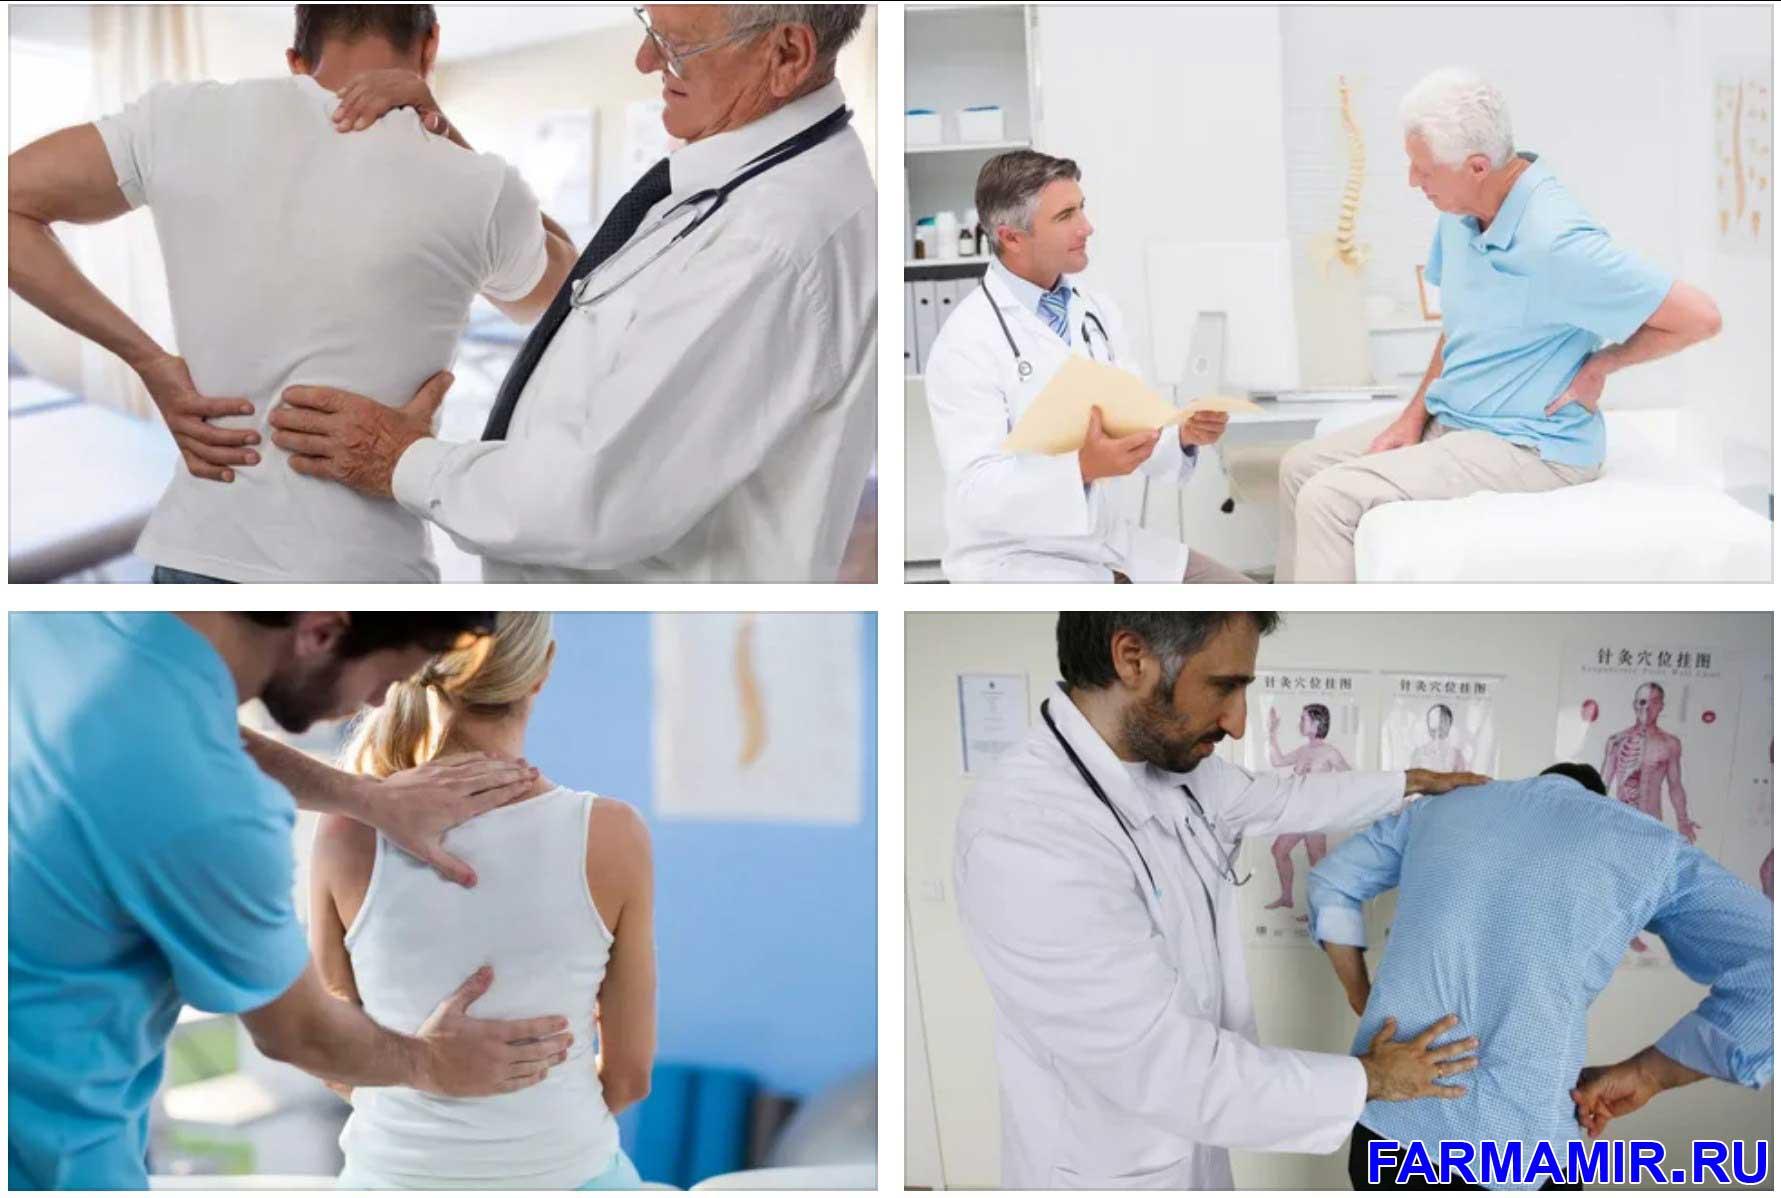 Помогает ли массажер убрать живот? массажер для живота для похудения: отзывы